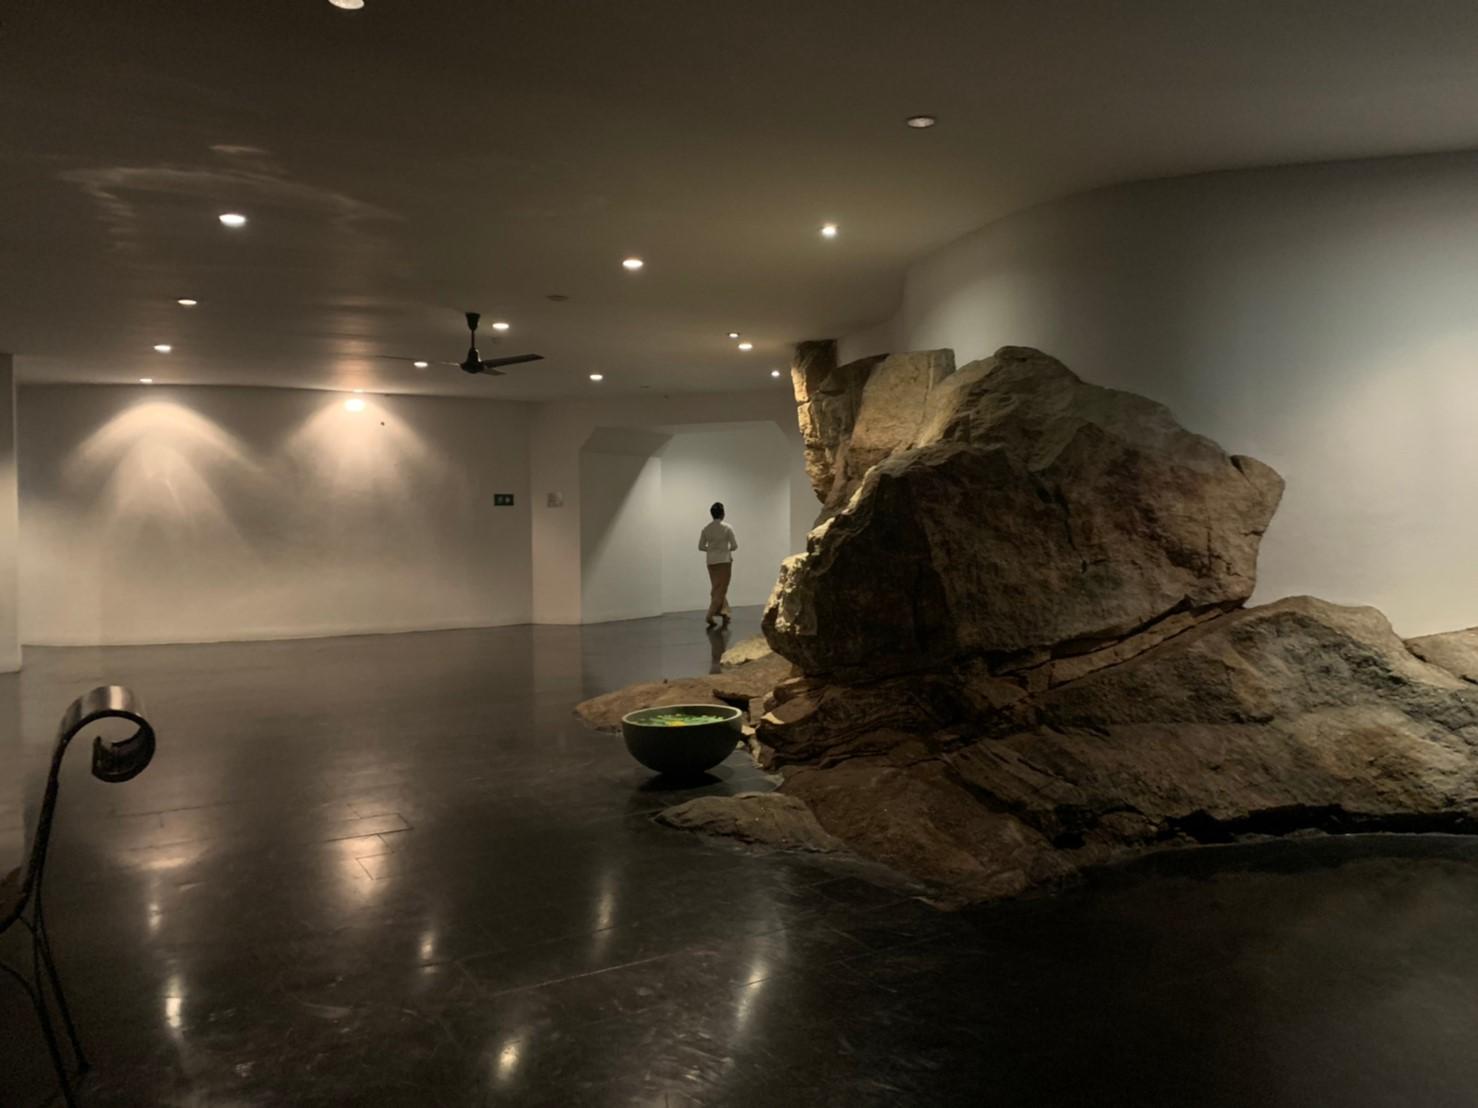 ヘリタンスカンダラマの廊下